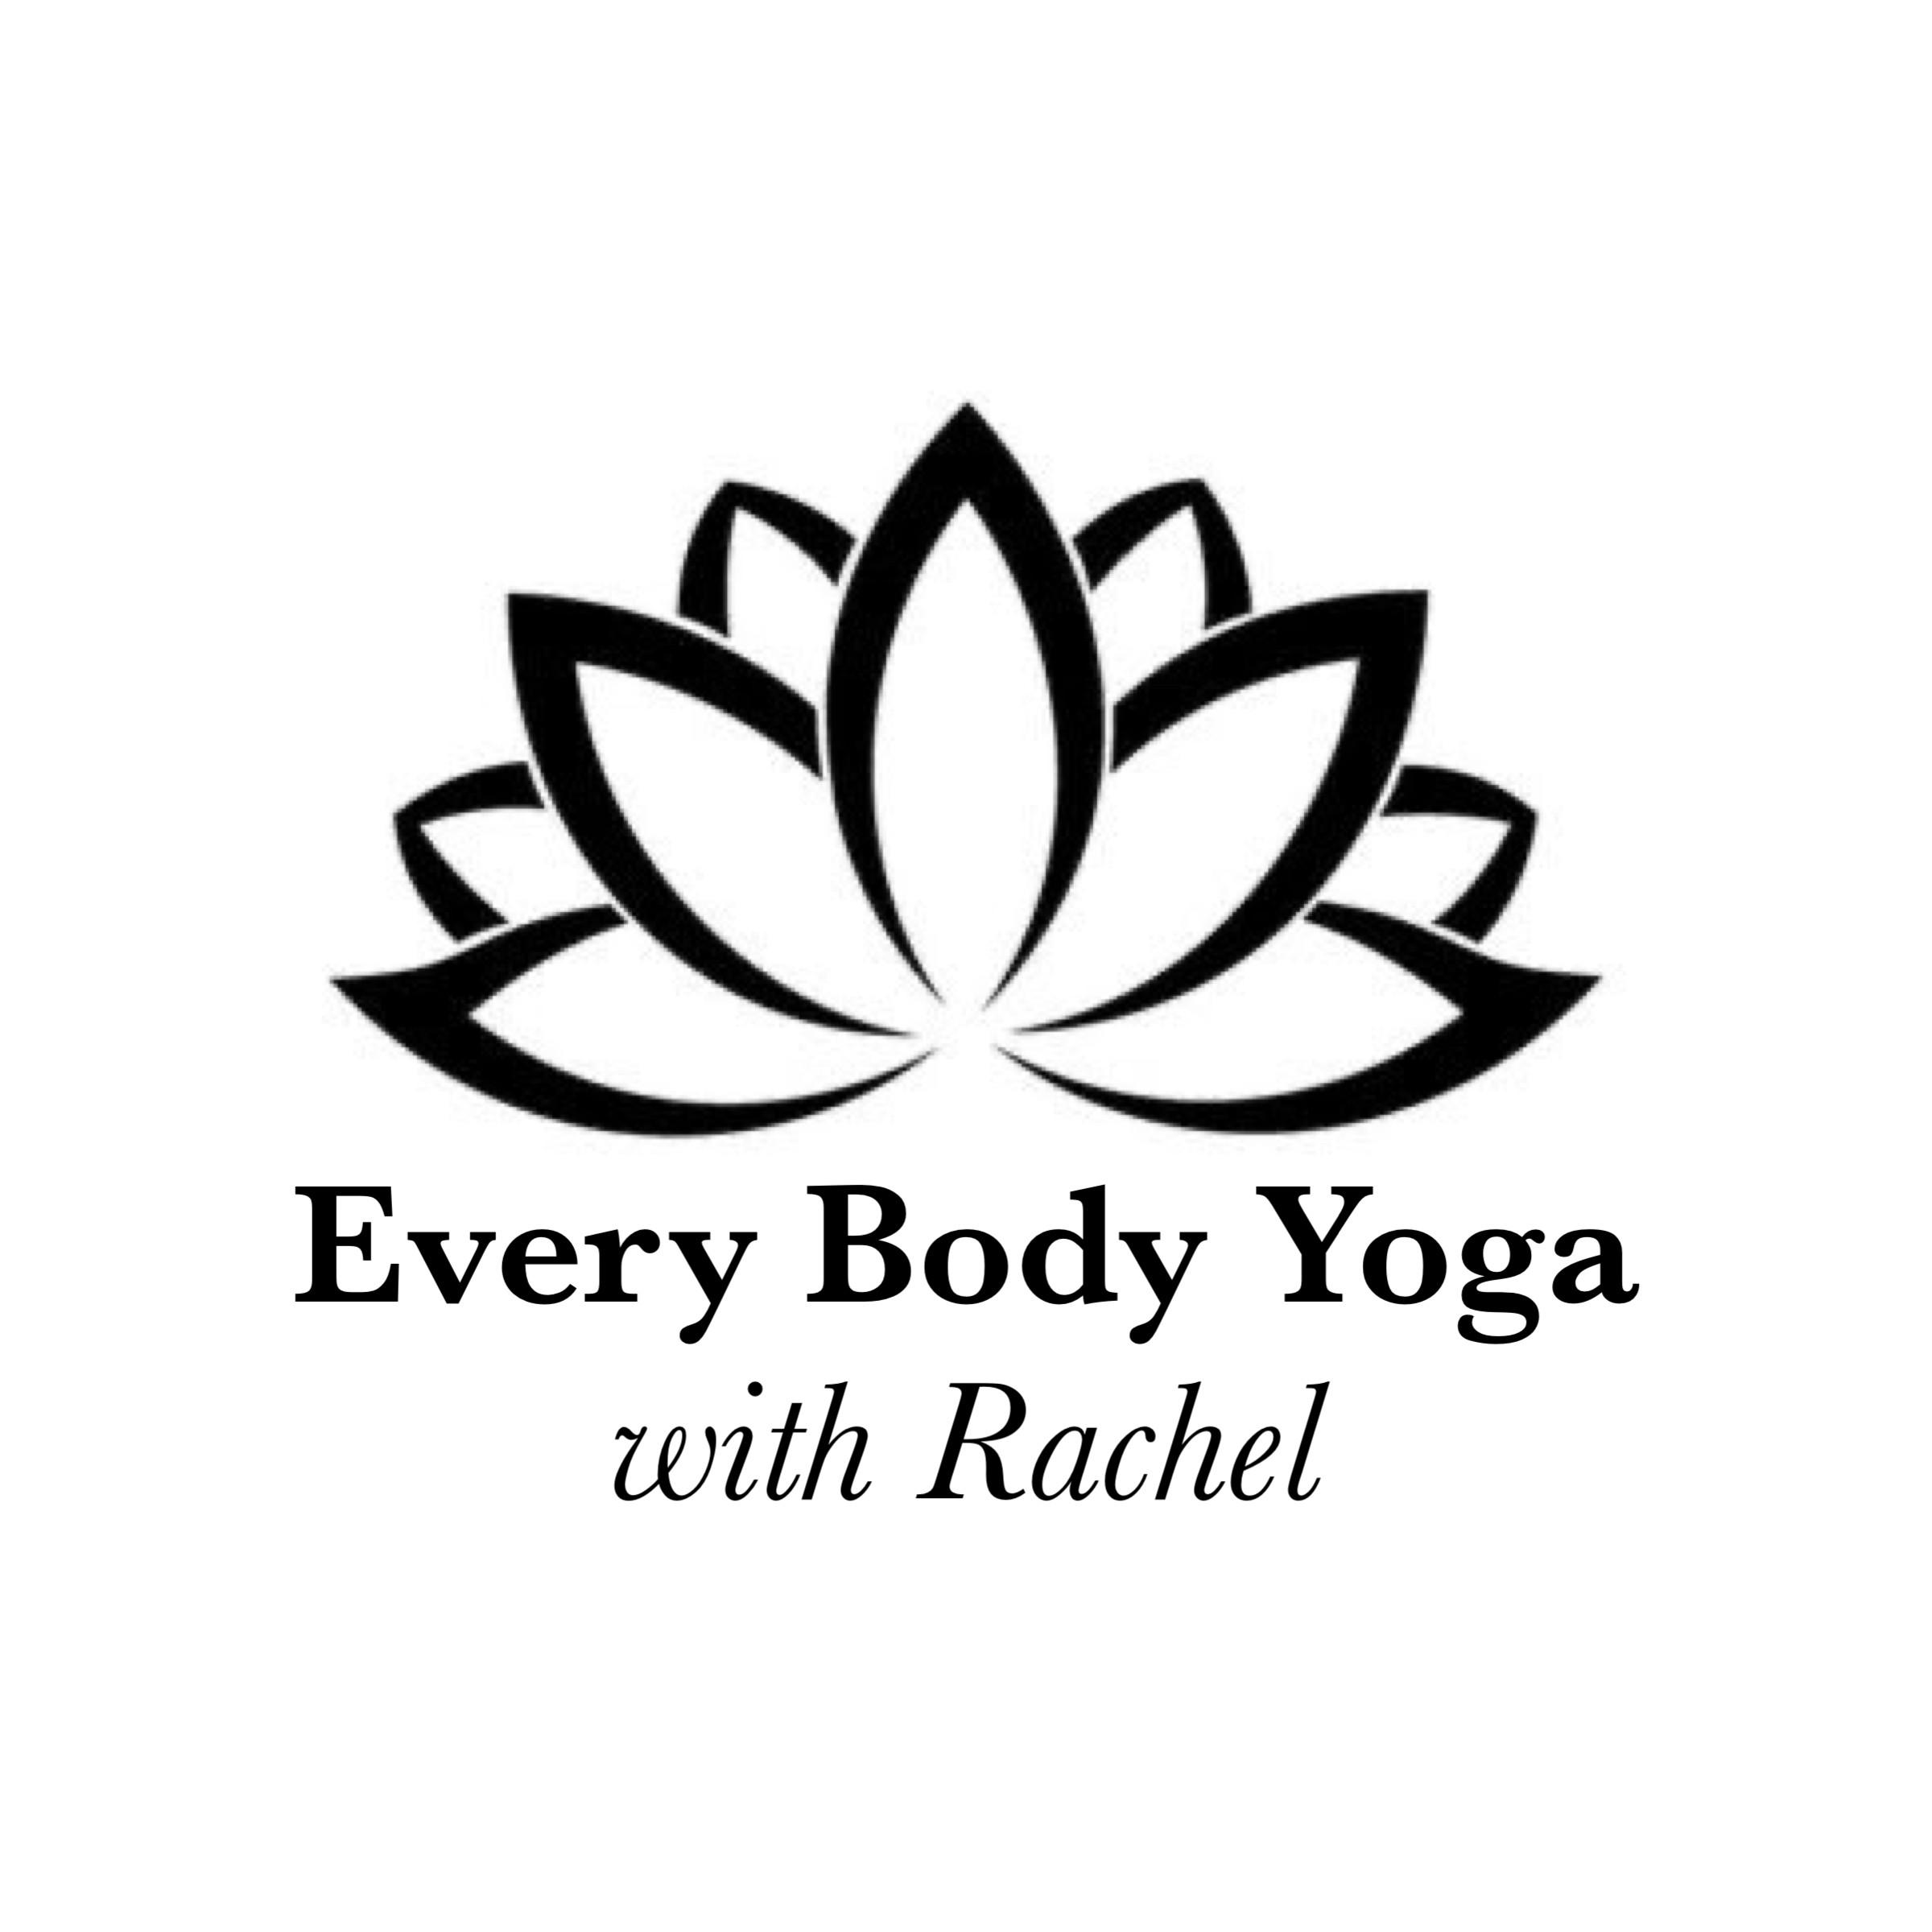 Every Body Yoga with Rachel